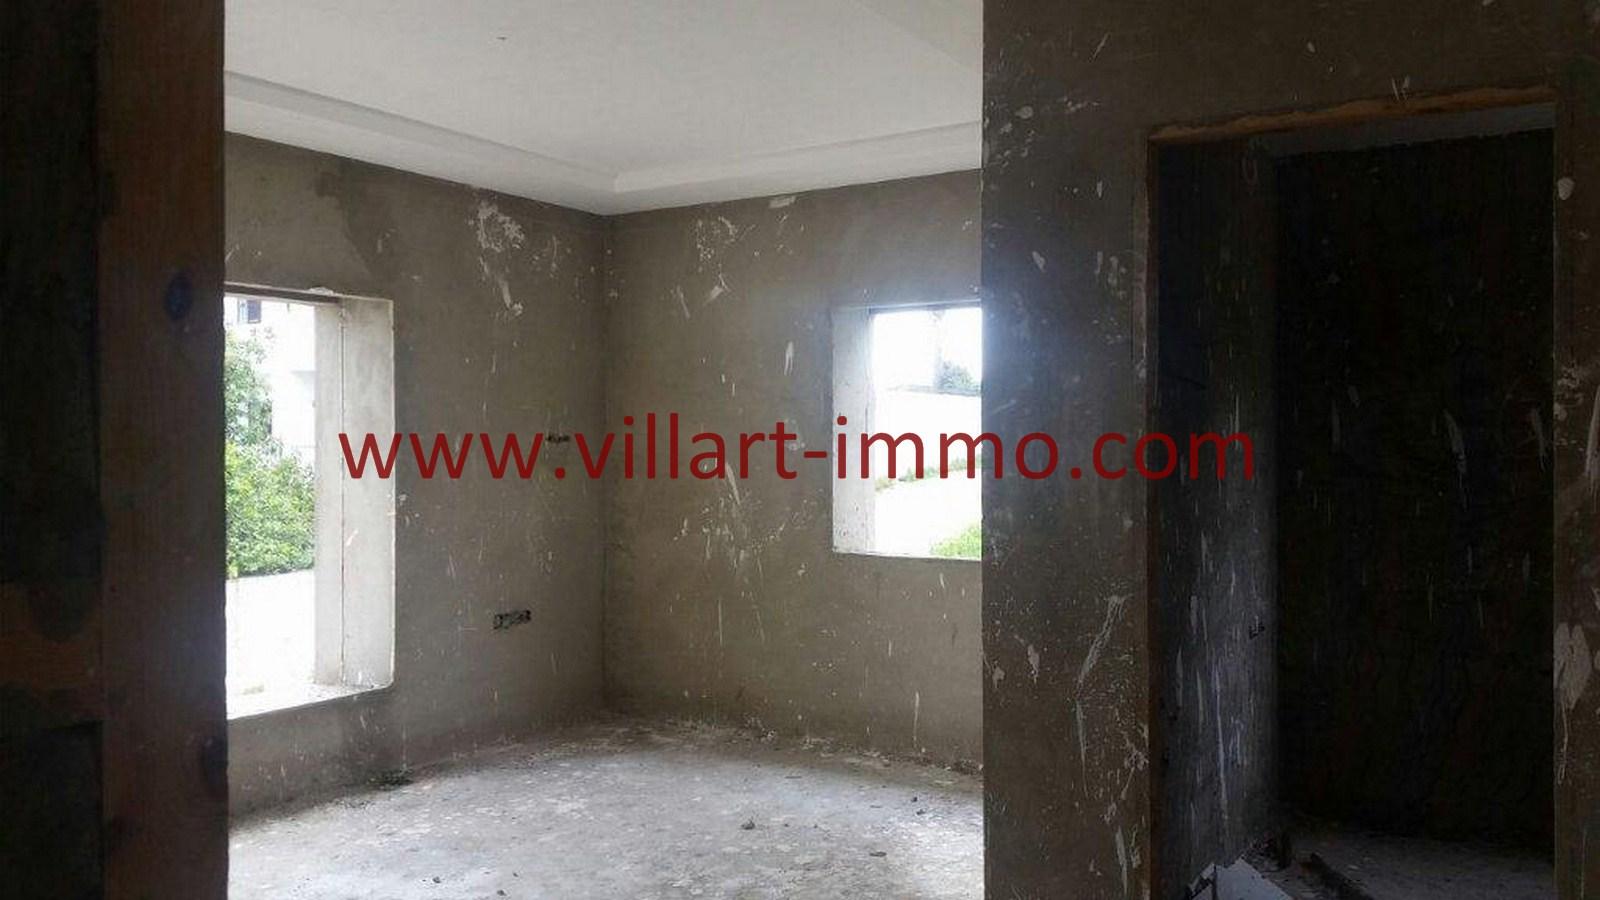 5-Vente-Villa-Tanger-Moujahidin-Chambre a Coucher 2-VV495-Villart Immo